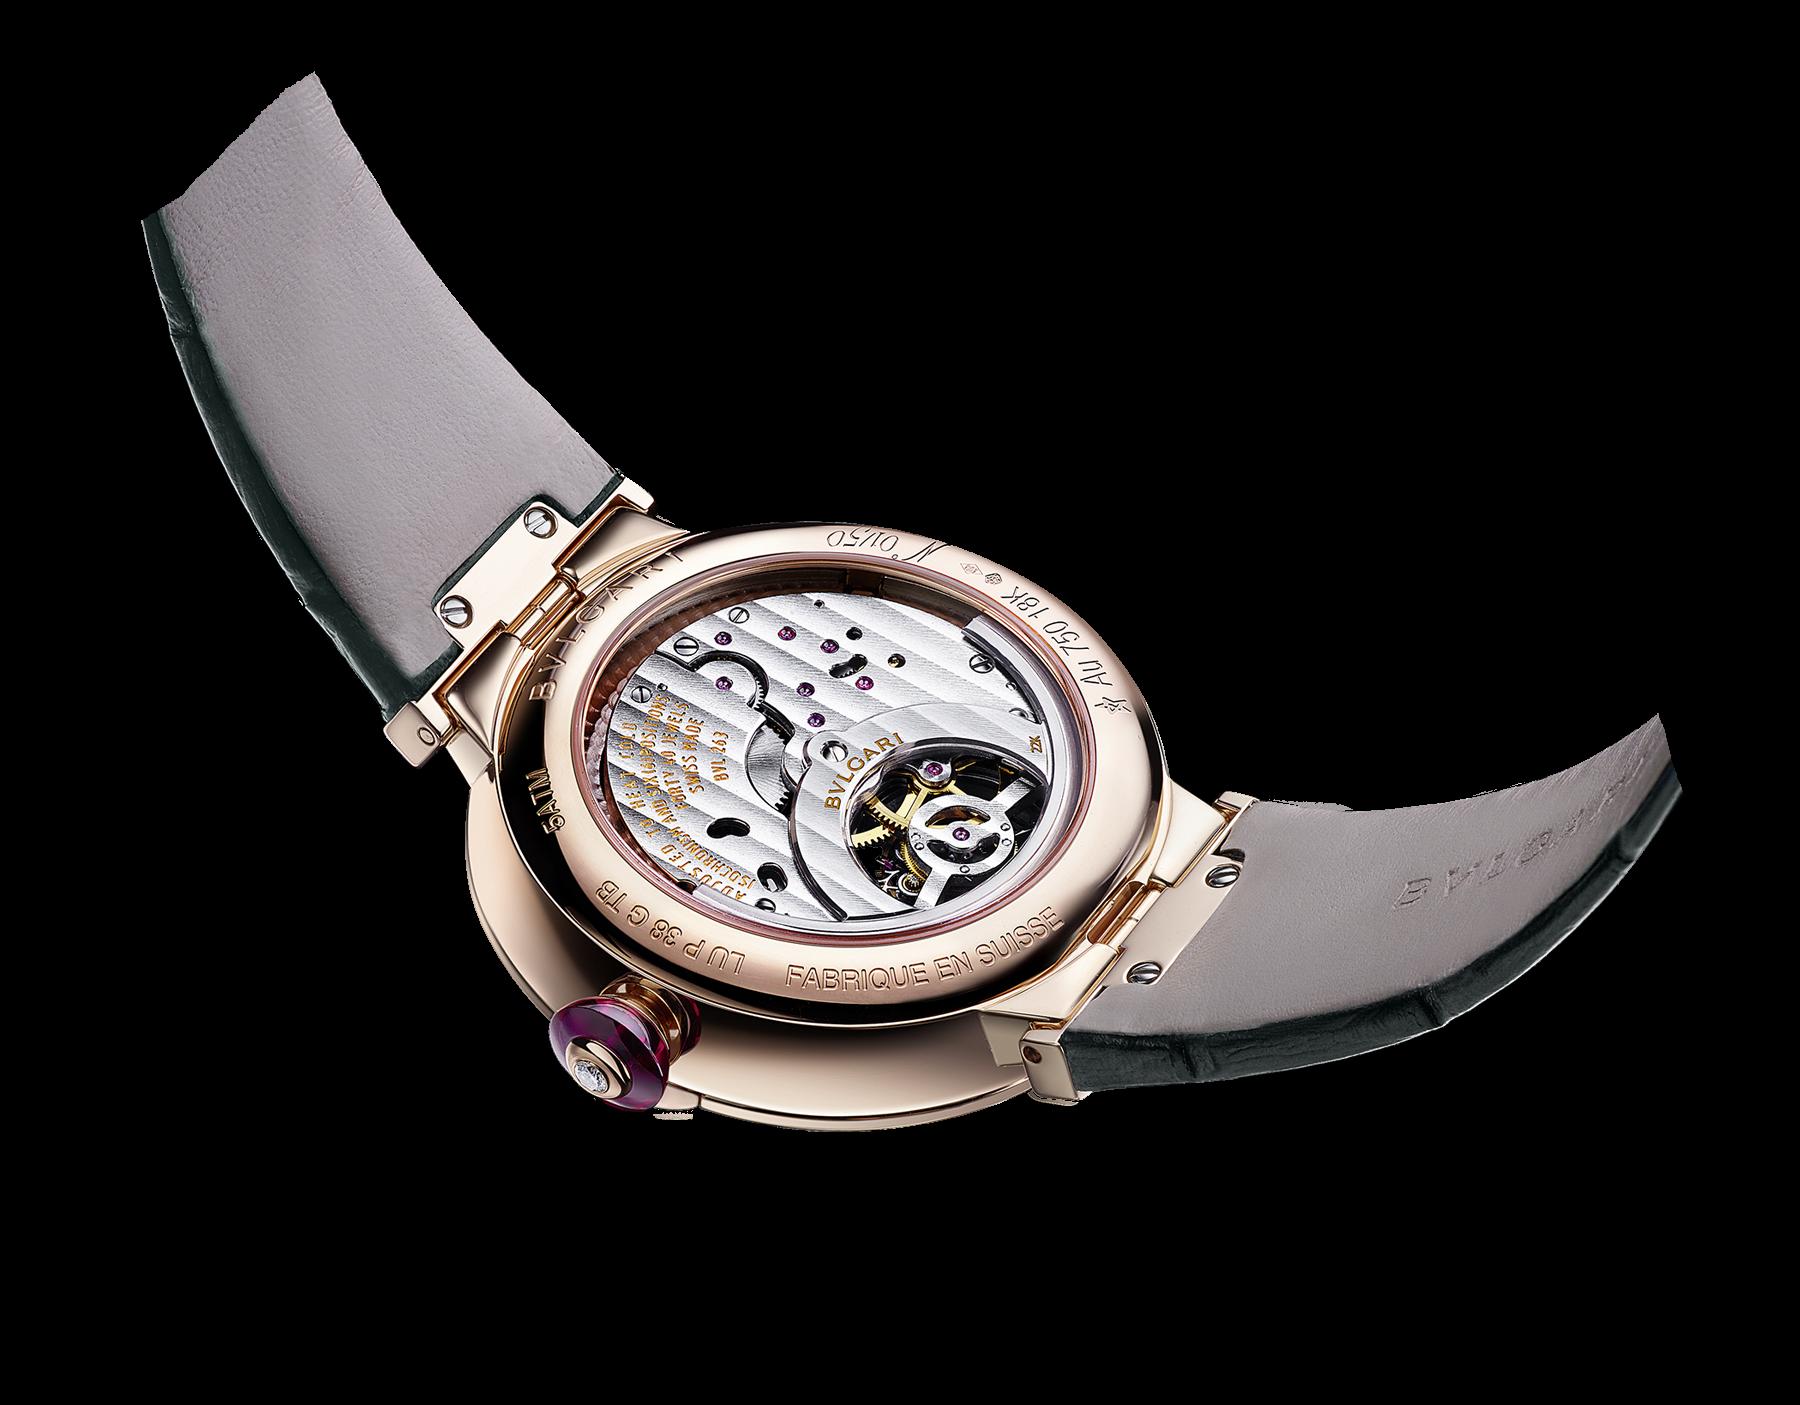 Montre LVCEA Tourbillon avec mouvement mécanique de manufacture, remontage automatique et tourbillon transparent. Boîtier en or rose 18K serti de diamants, cadran en jade et bracelet en alligator vert. 102693 image 3